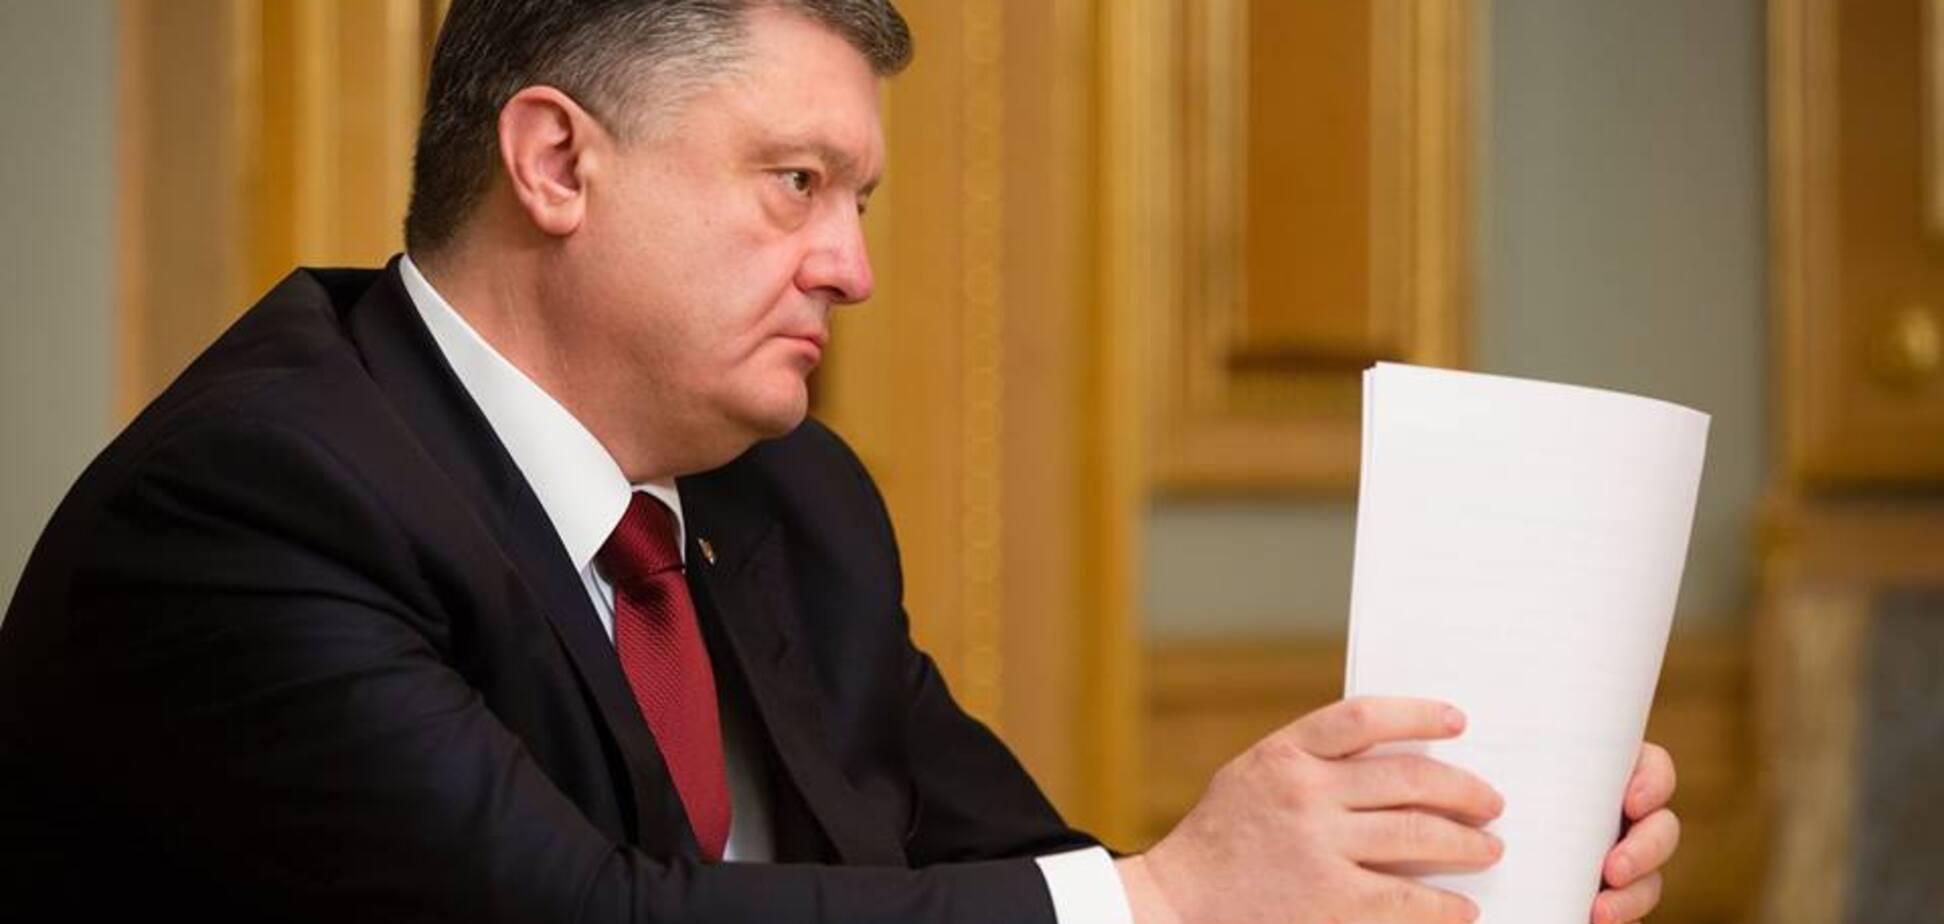 Скандал с 'украинскими ракетами для КНДР': Порошенко ответил на обвинения